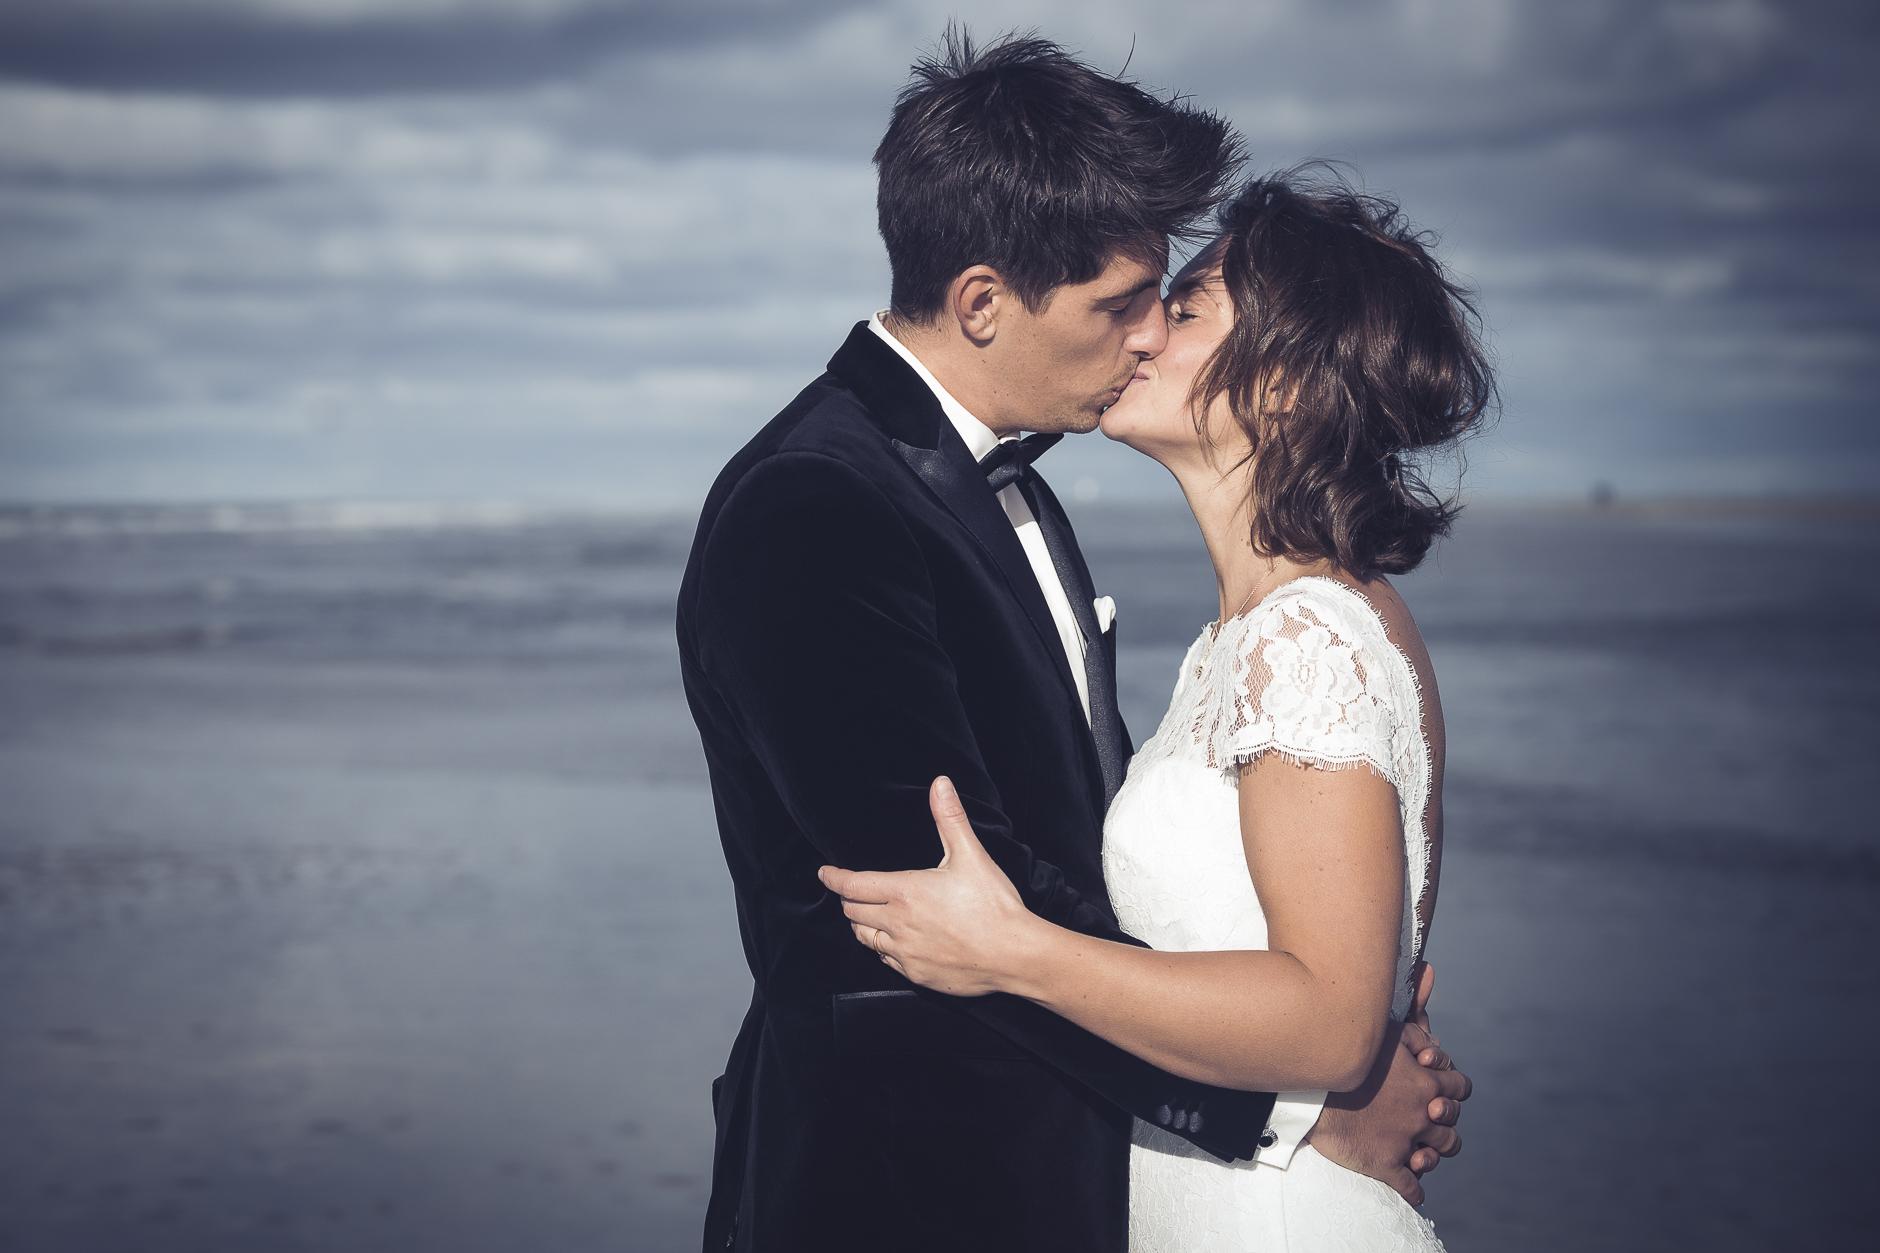 Hochzeitsreportage aus SPO - Sankt Peter-Ording